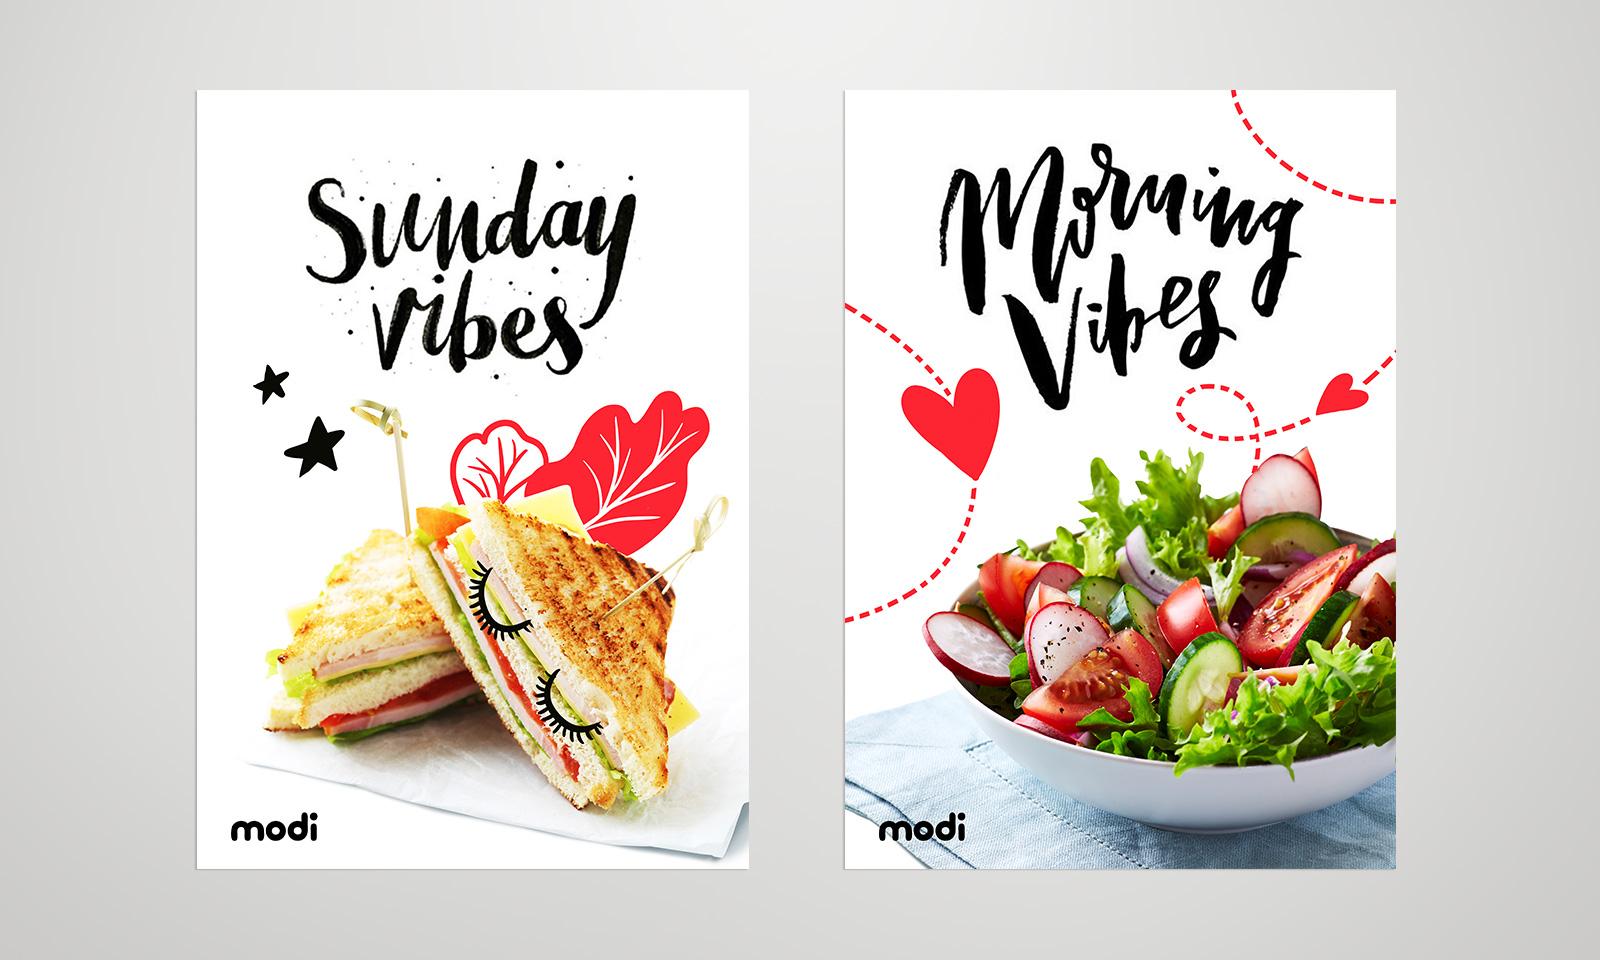 Профессиональная фотосъемка и фирменный стиль Modi Fun Cafe позволяет раскрыть вкус ключевых блюд